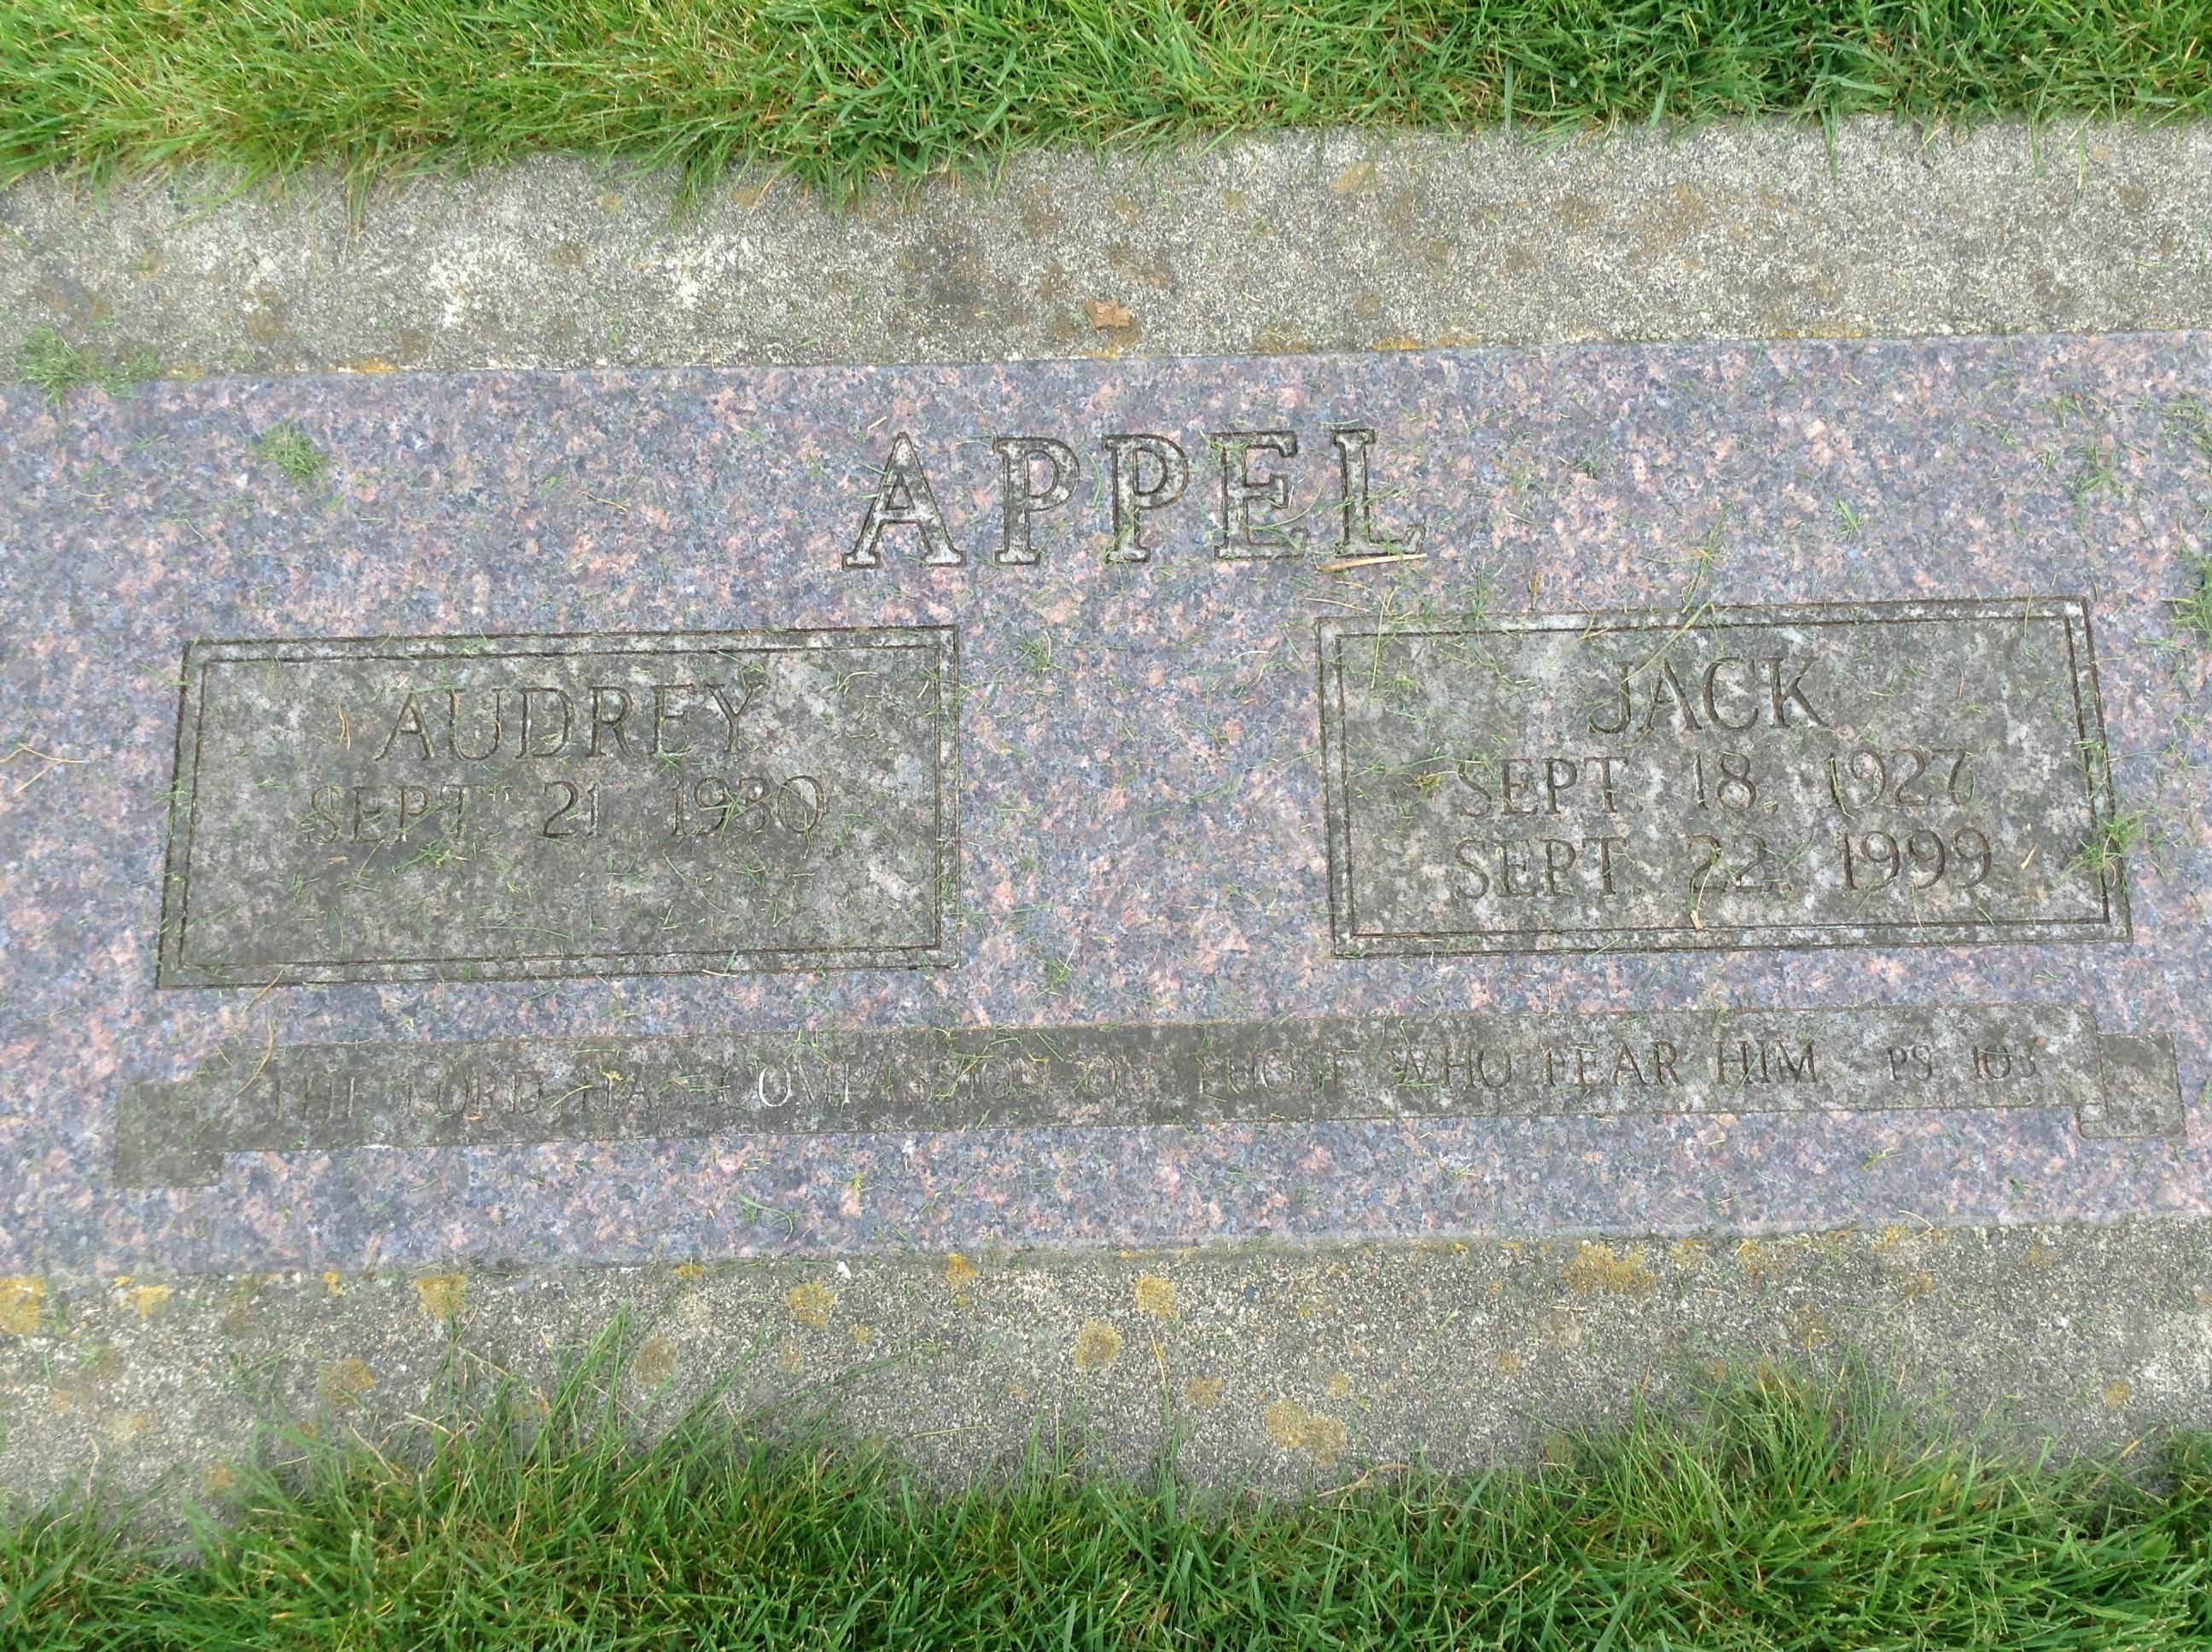 Jacob Appel